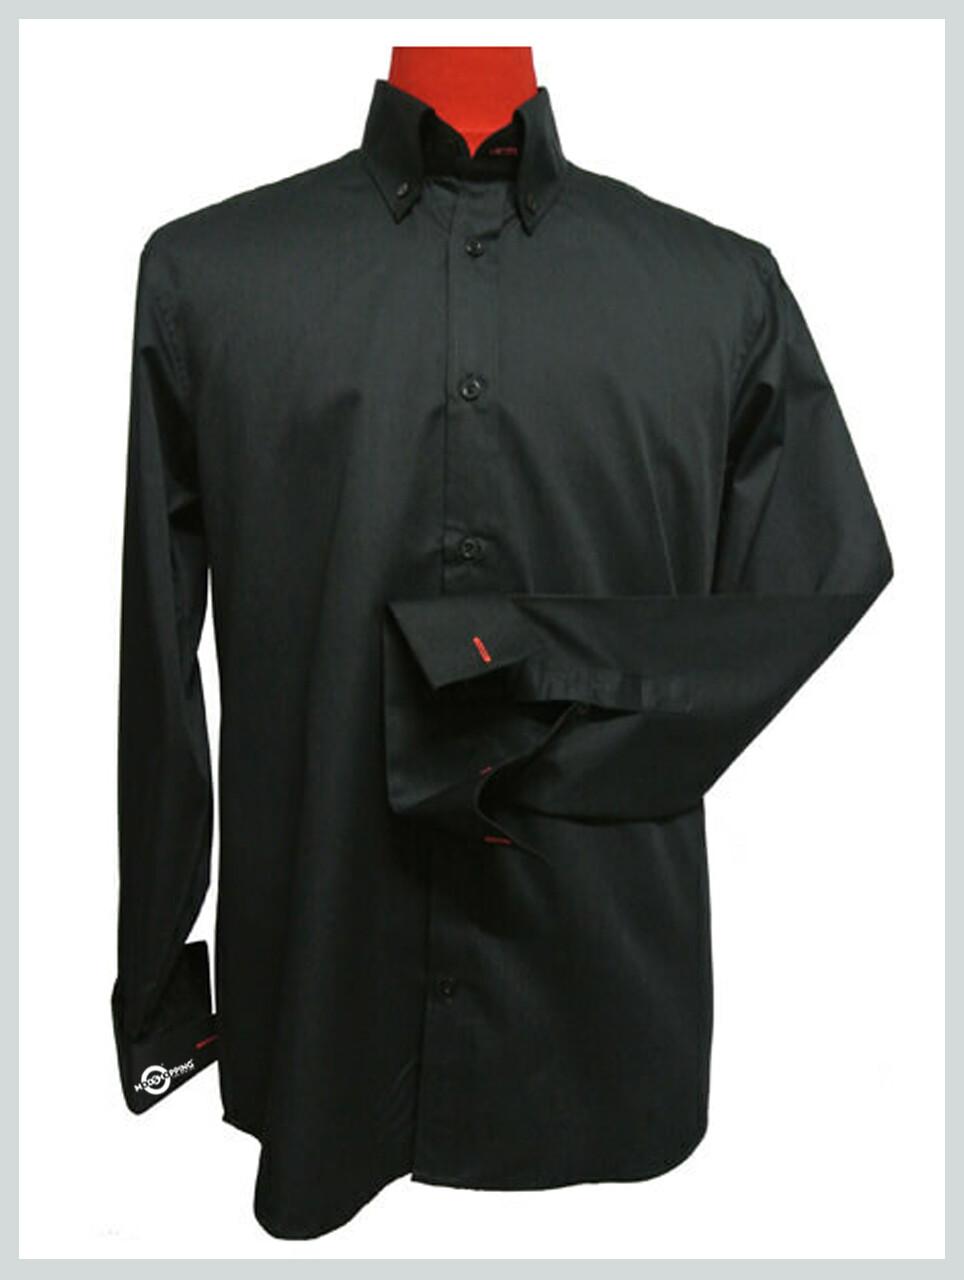 Blck Button Down Shirt| Black Official Shirt For Men